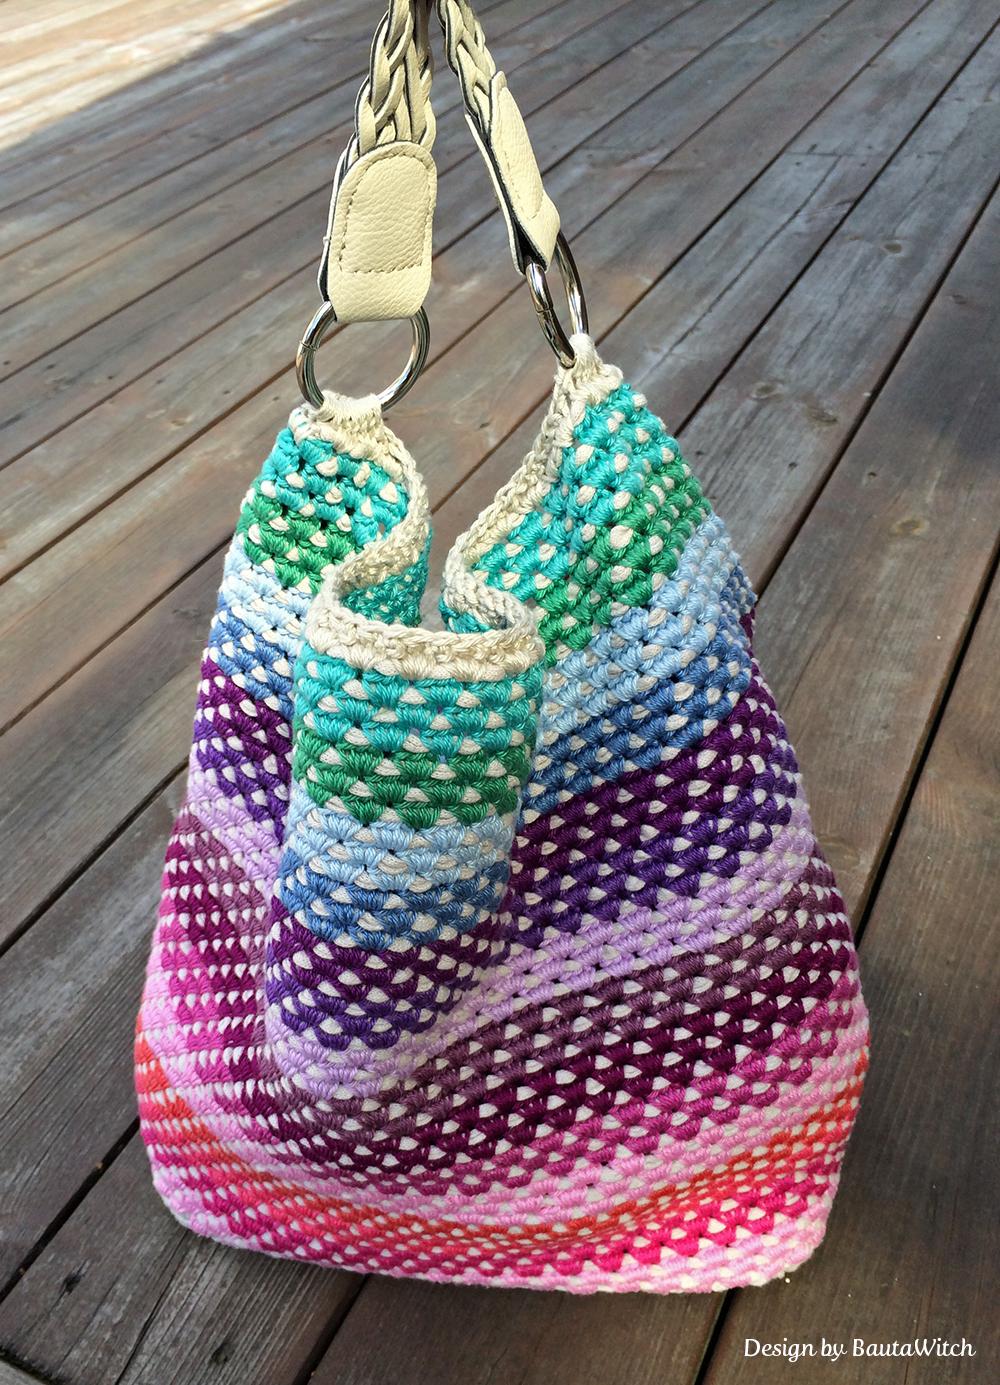 Favoloso 5 schemi gratuiti di borse ad uncinetto - Instamamme PK17